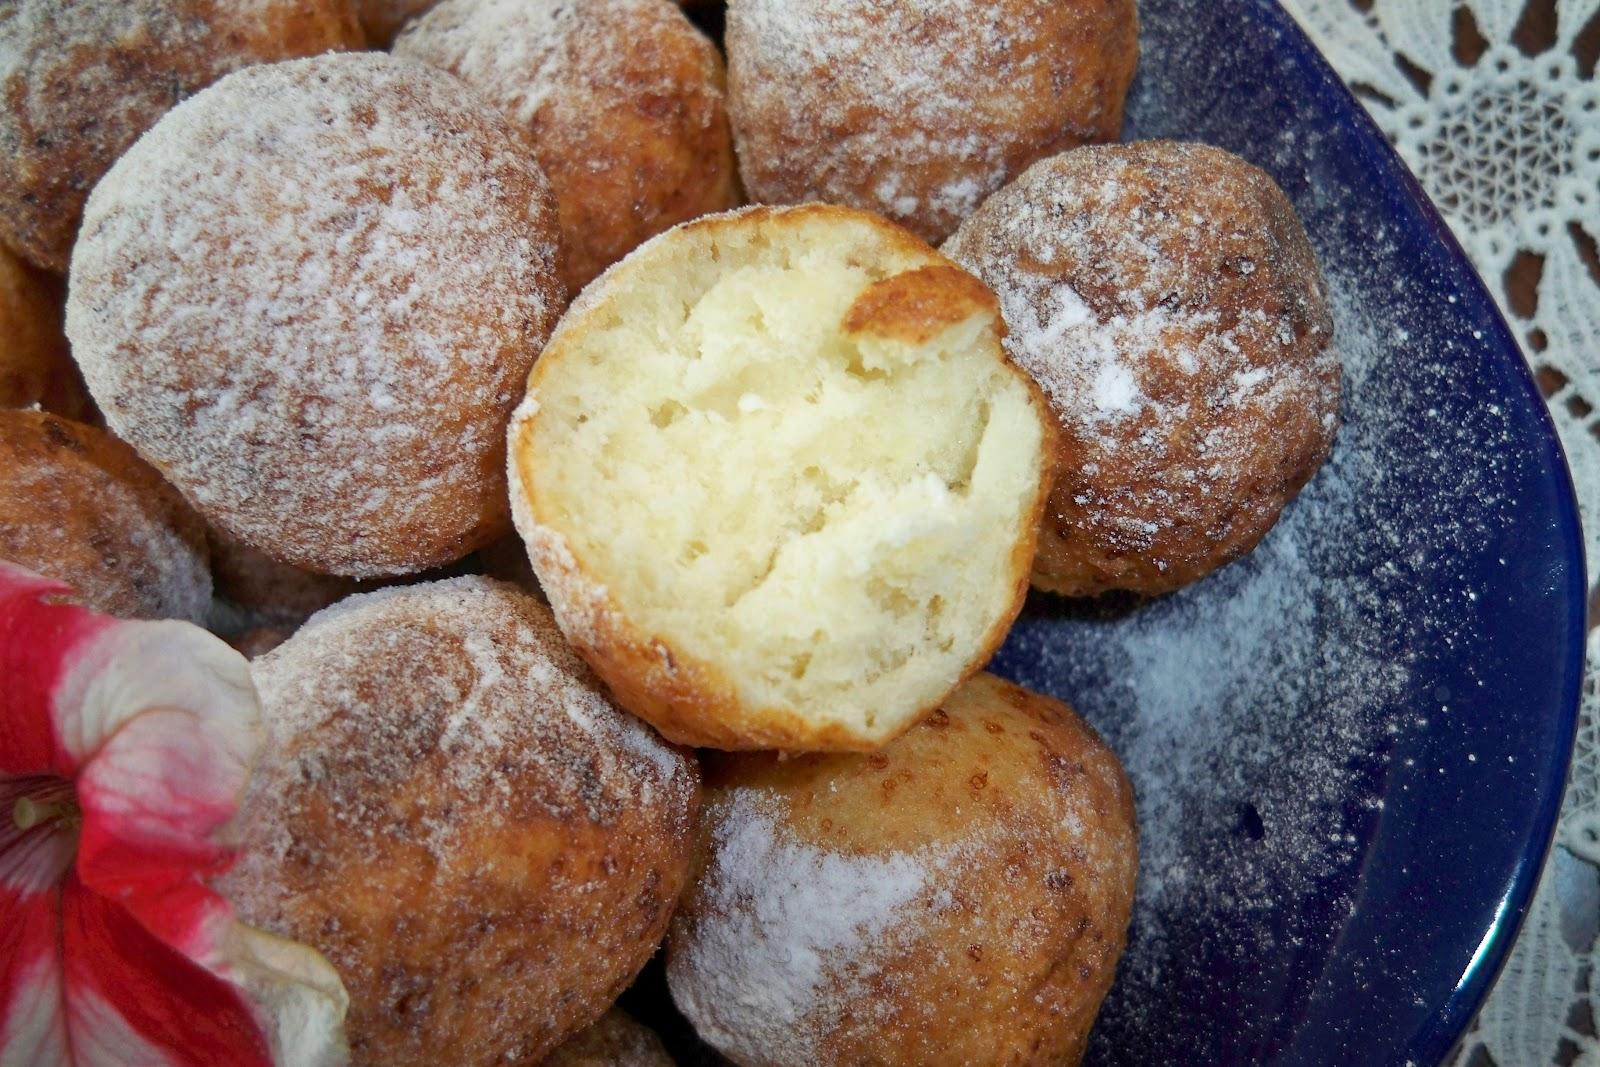 запеченная хрустящей дрожжевые творожные пончики рецепт с фото пошагово станет весомым